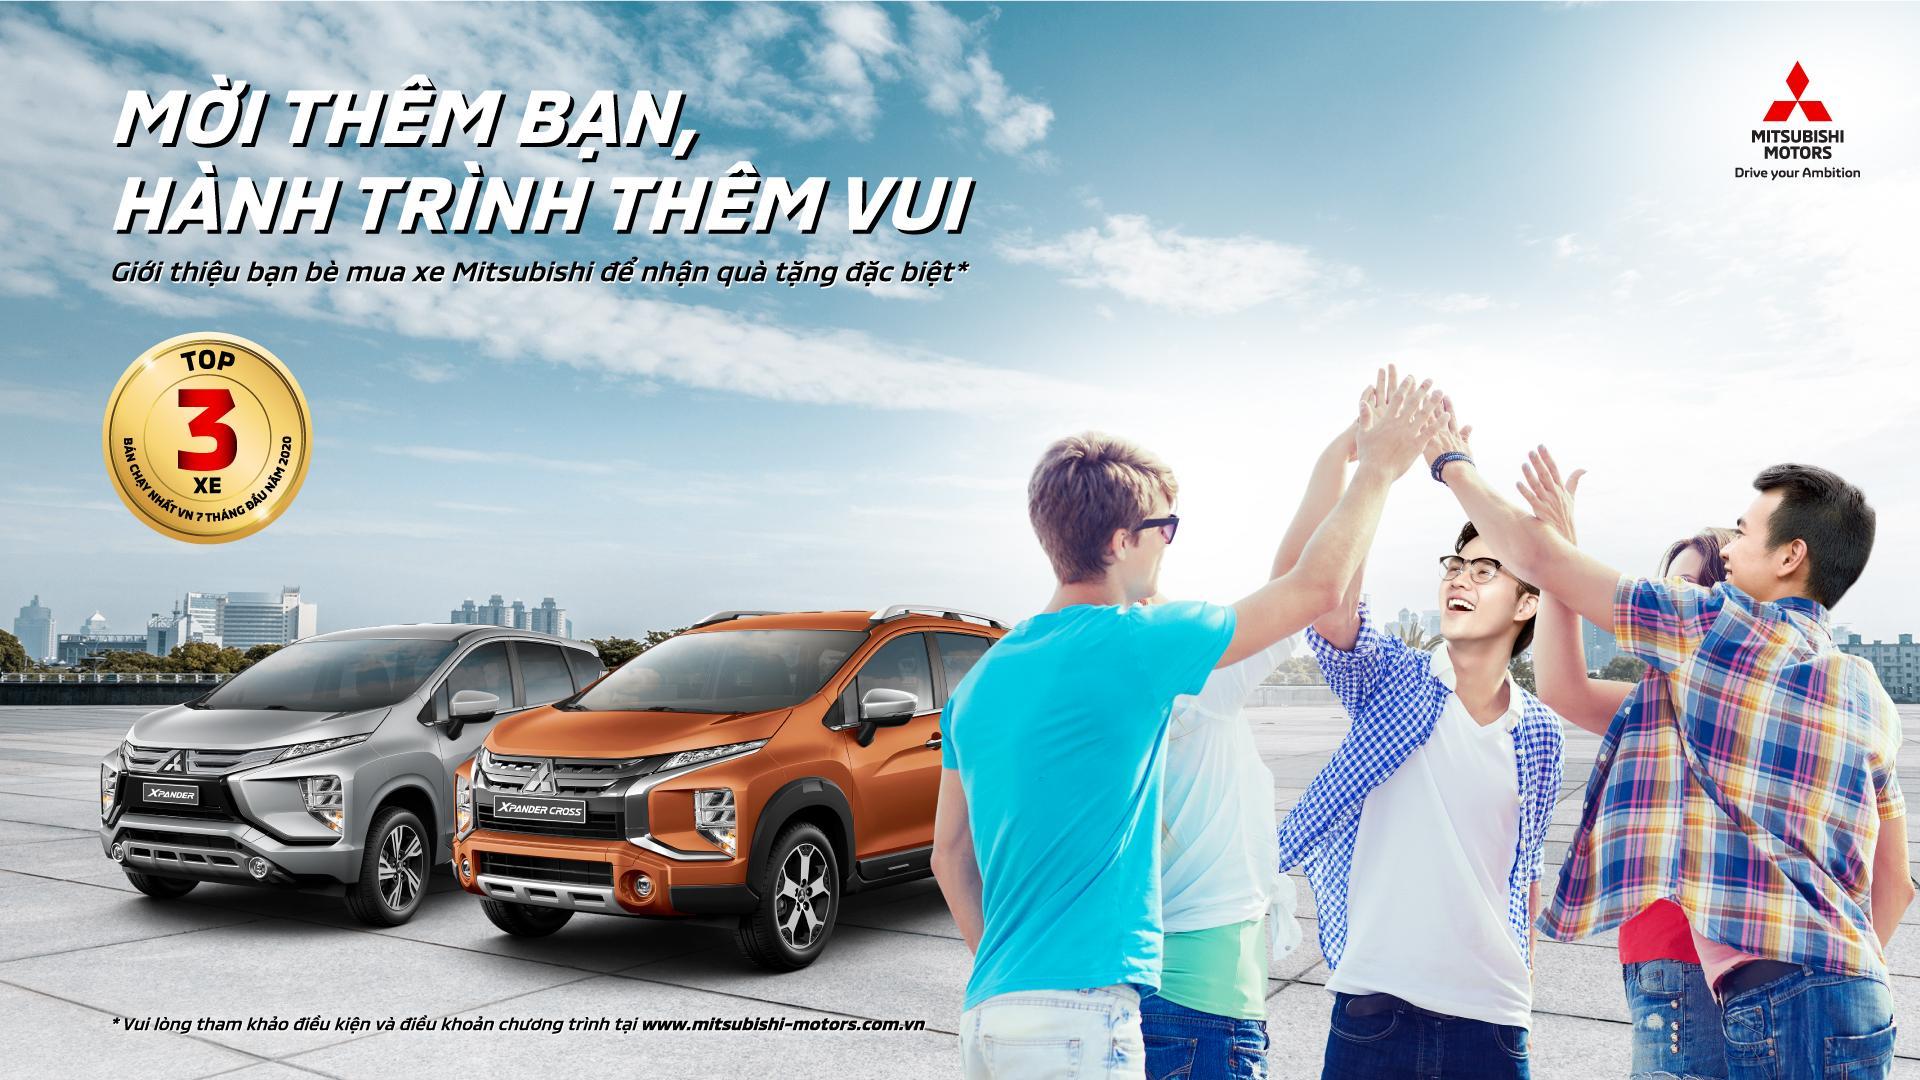 Trở thành môi giới Xe Mitsubishi chuyên nghiệp: Mời thêm bạn - Hành trình thêm vui